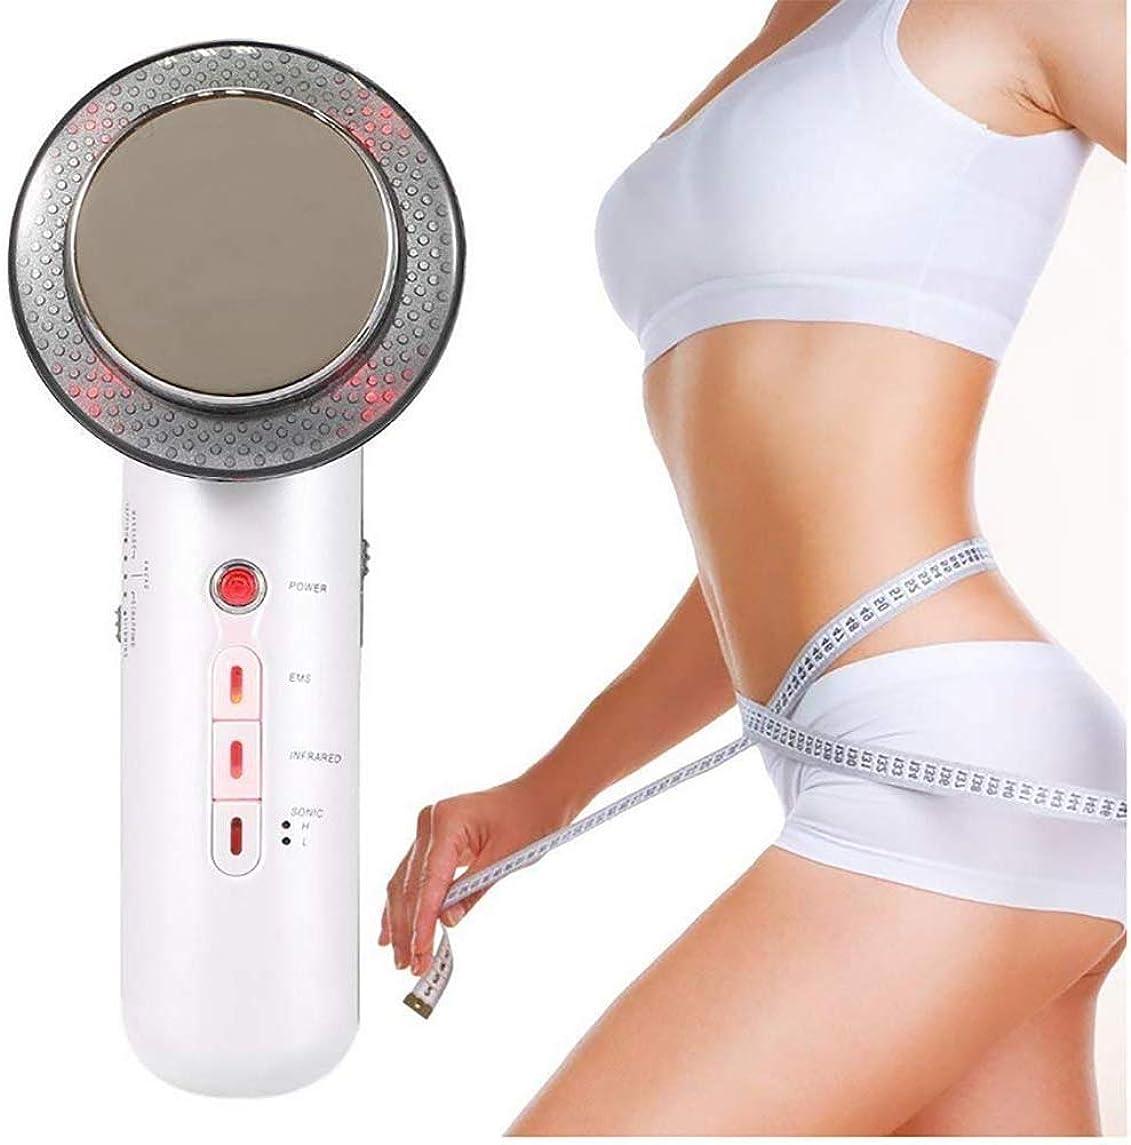 ヘッジ激怒時刻表超音波キャビテーションEMSマイクロ電流ボディSlim身マッサージ減量リポアンチセルライト脂肪過剰脂肪に対する脂肪の損失